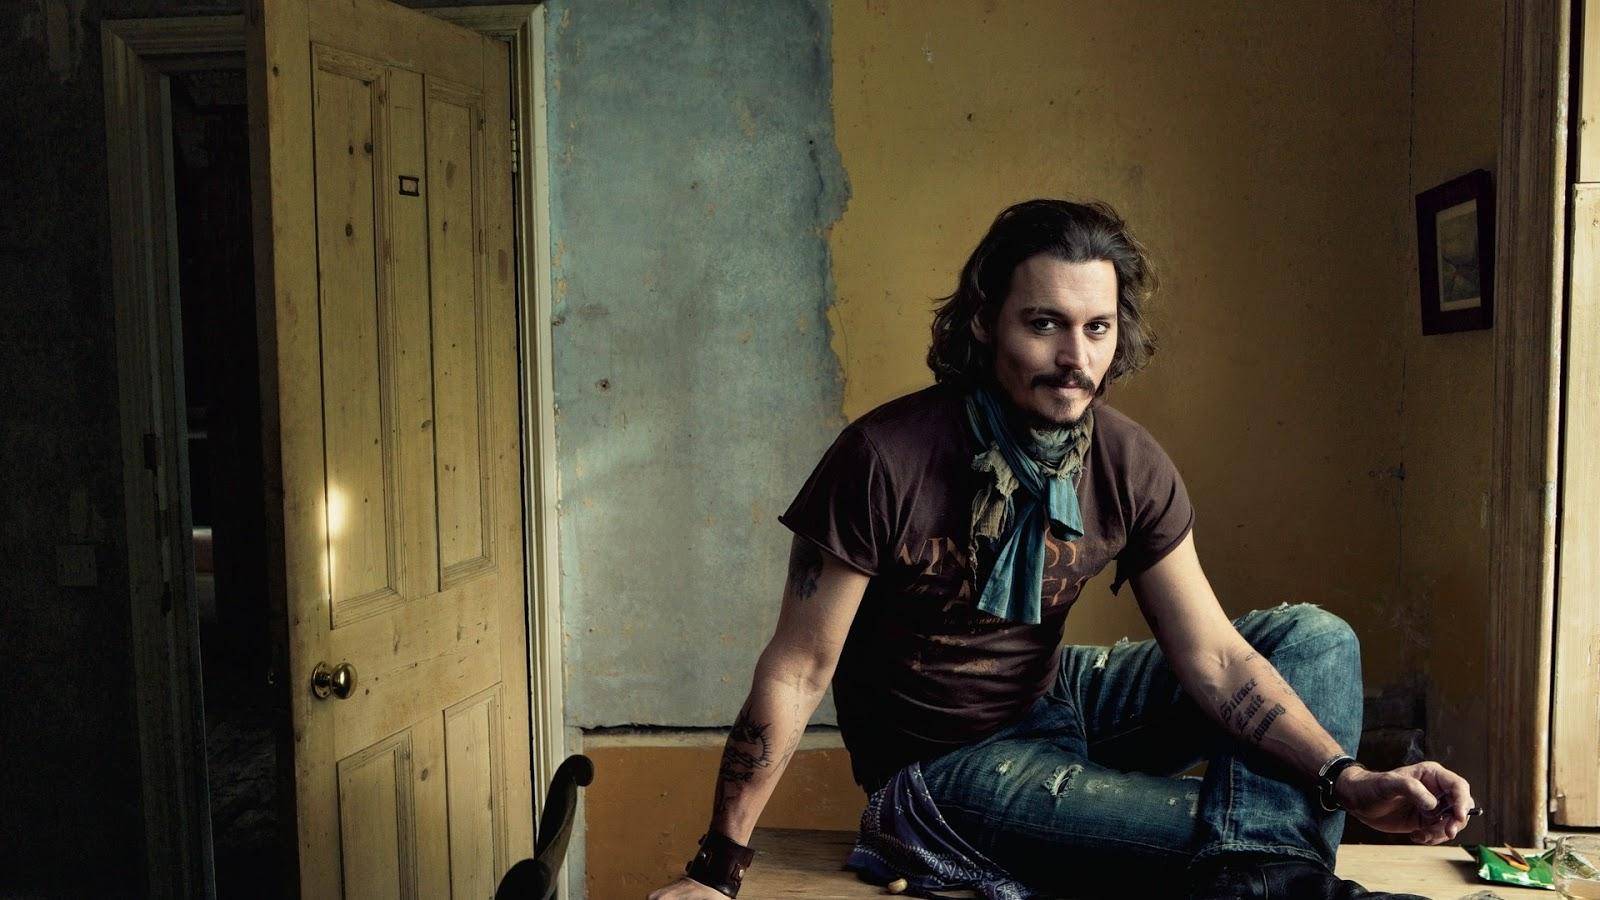 Johnny Depp Actor Wallpaper